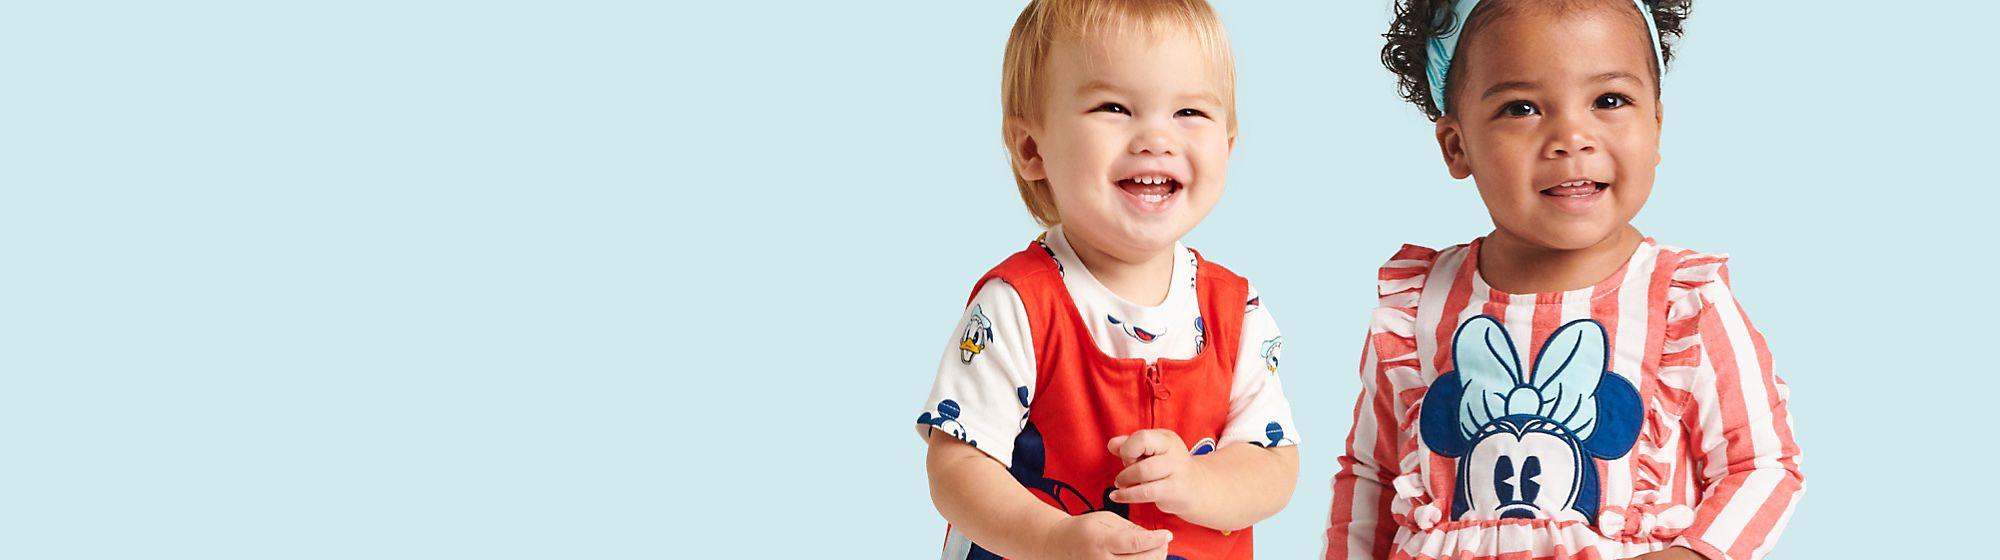 Baby das perfekte Geschenk für kleine Neuankömmlinge MEHR ENTDECKEN